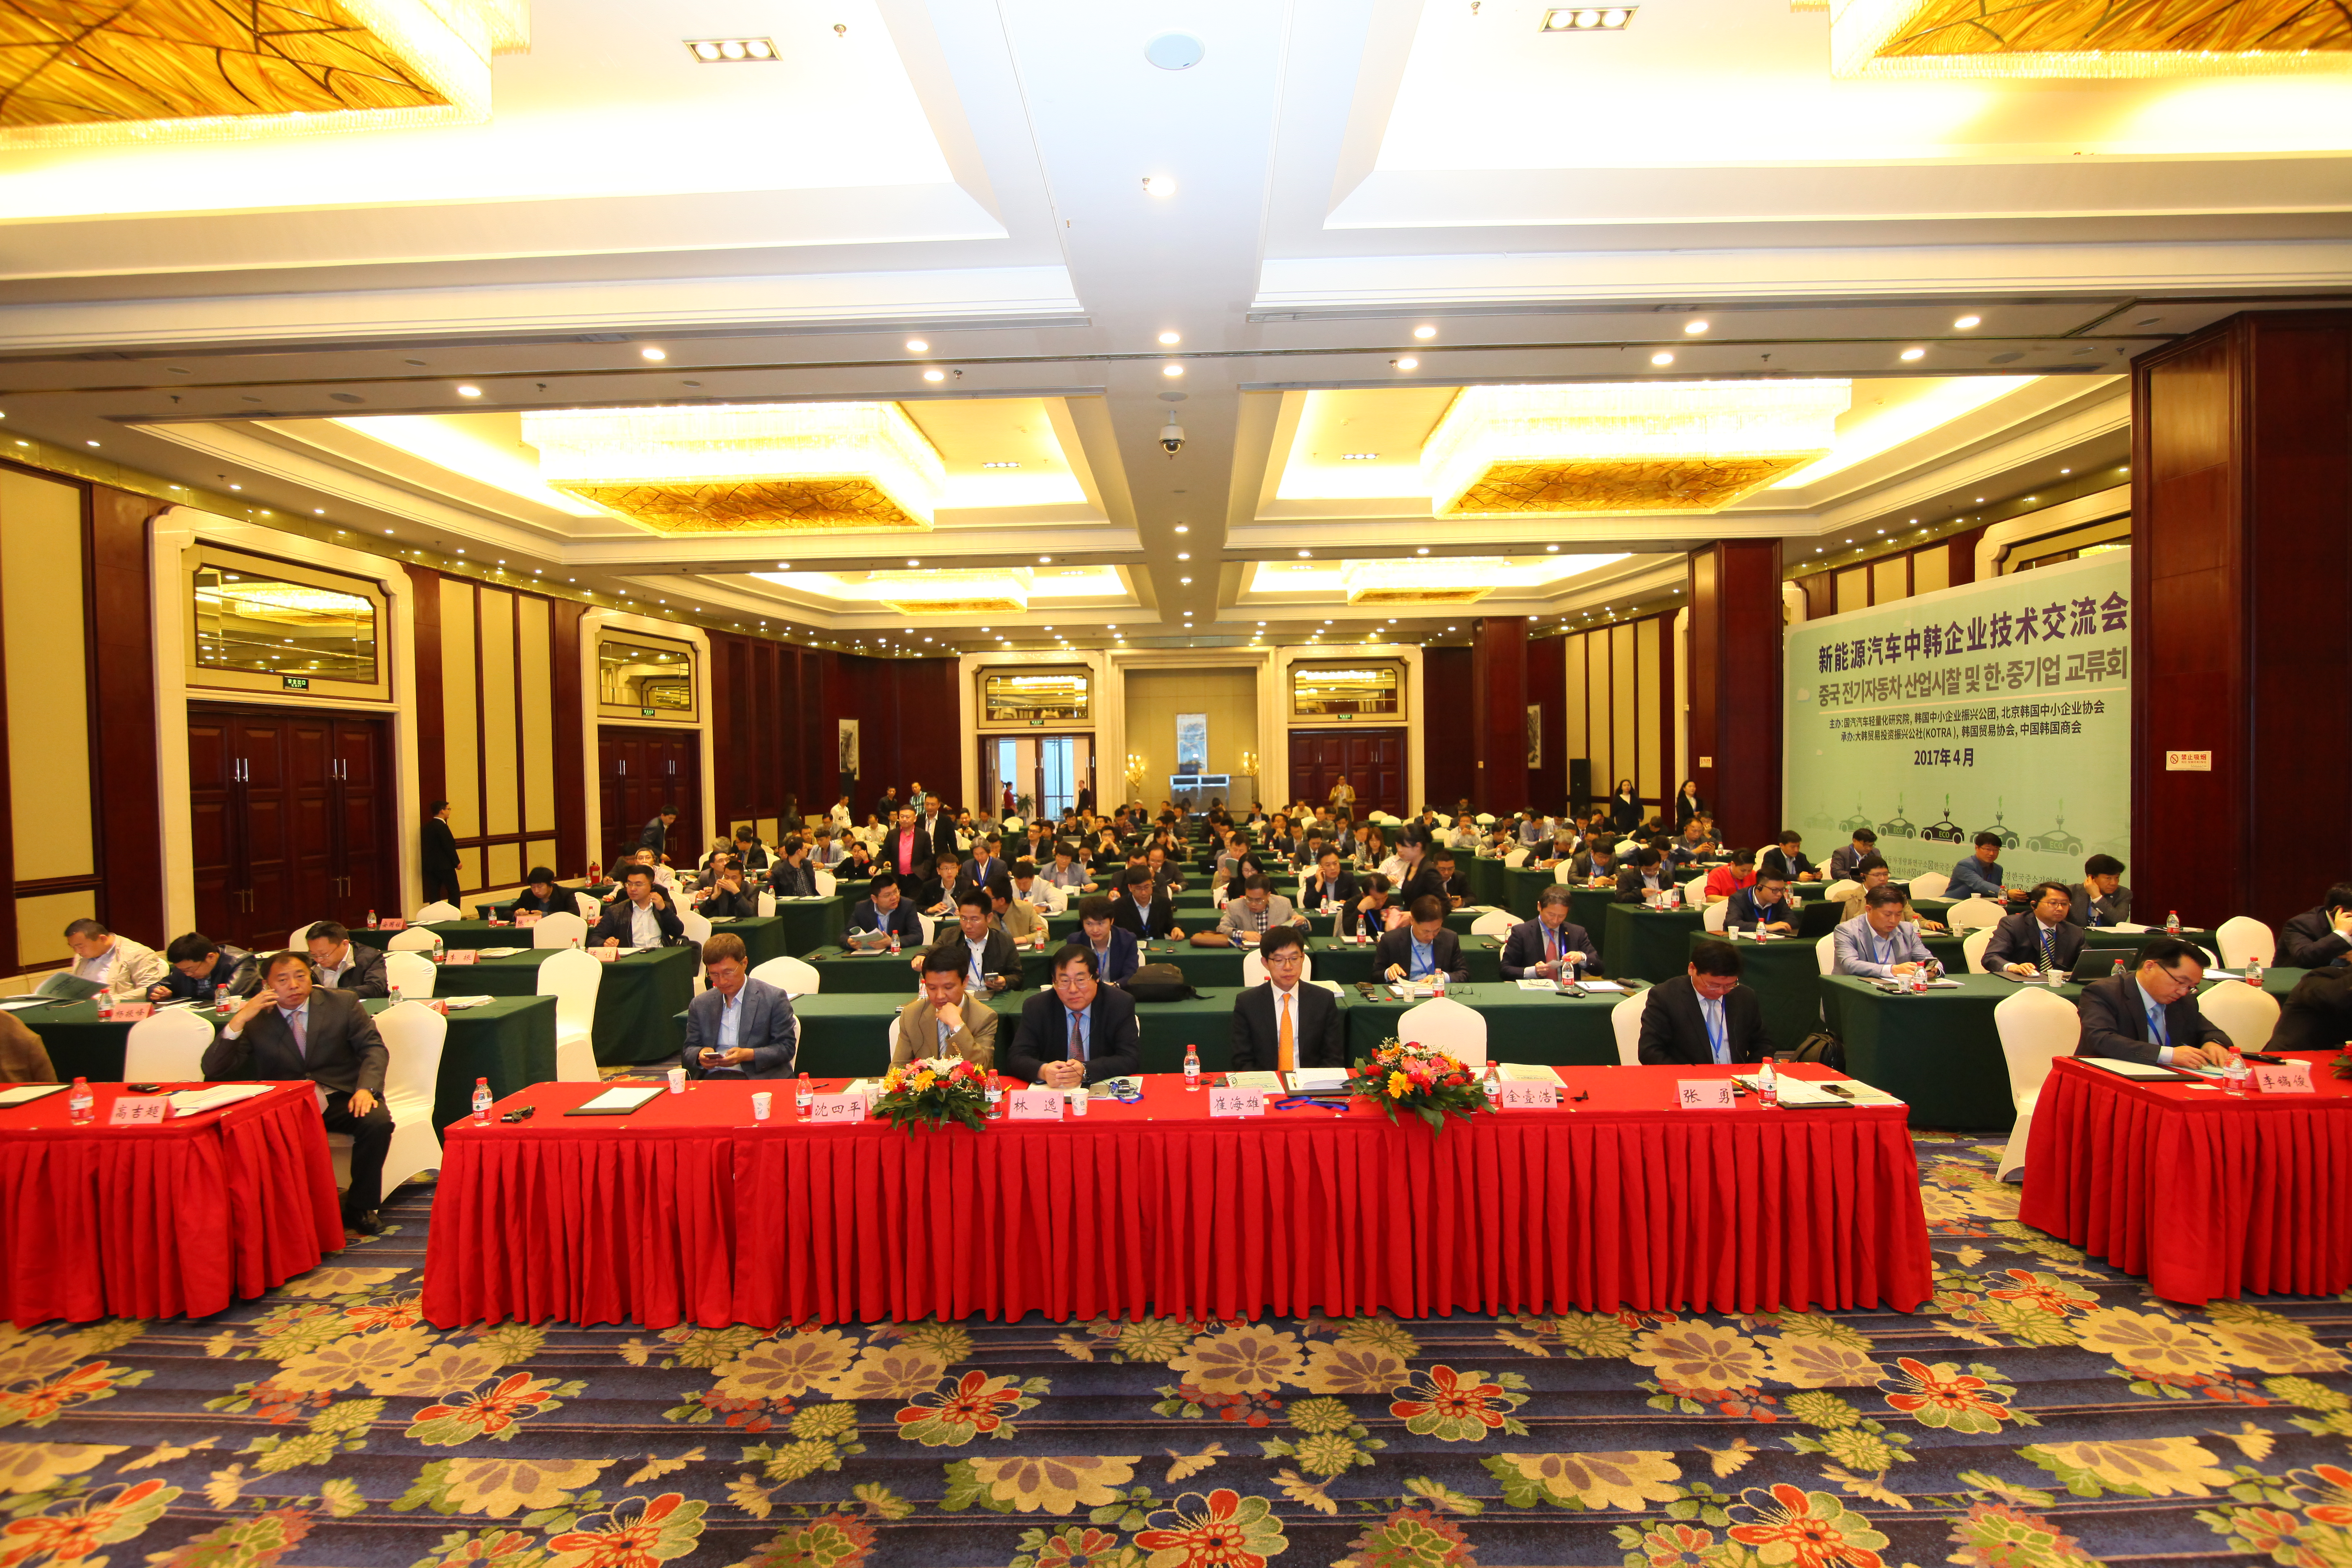 중국 전기자동차 산업시찰 및 한중기업 교류회